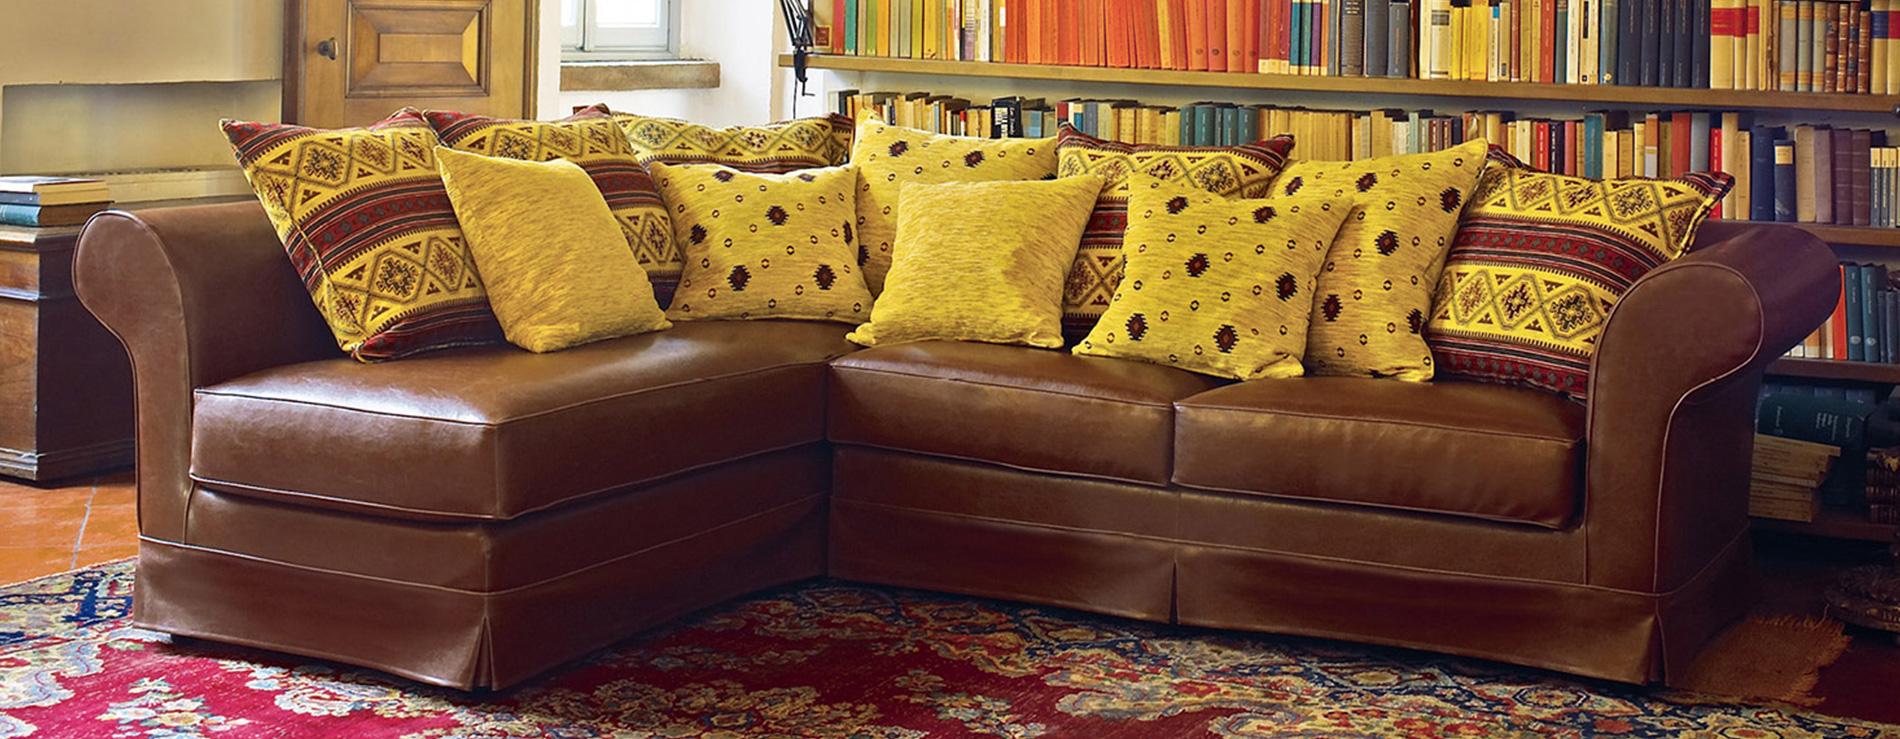 divano Capriccio di Biba